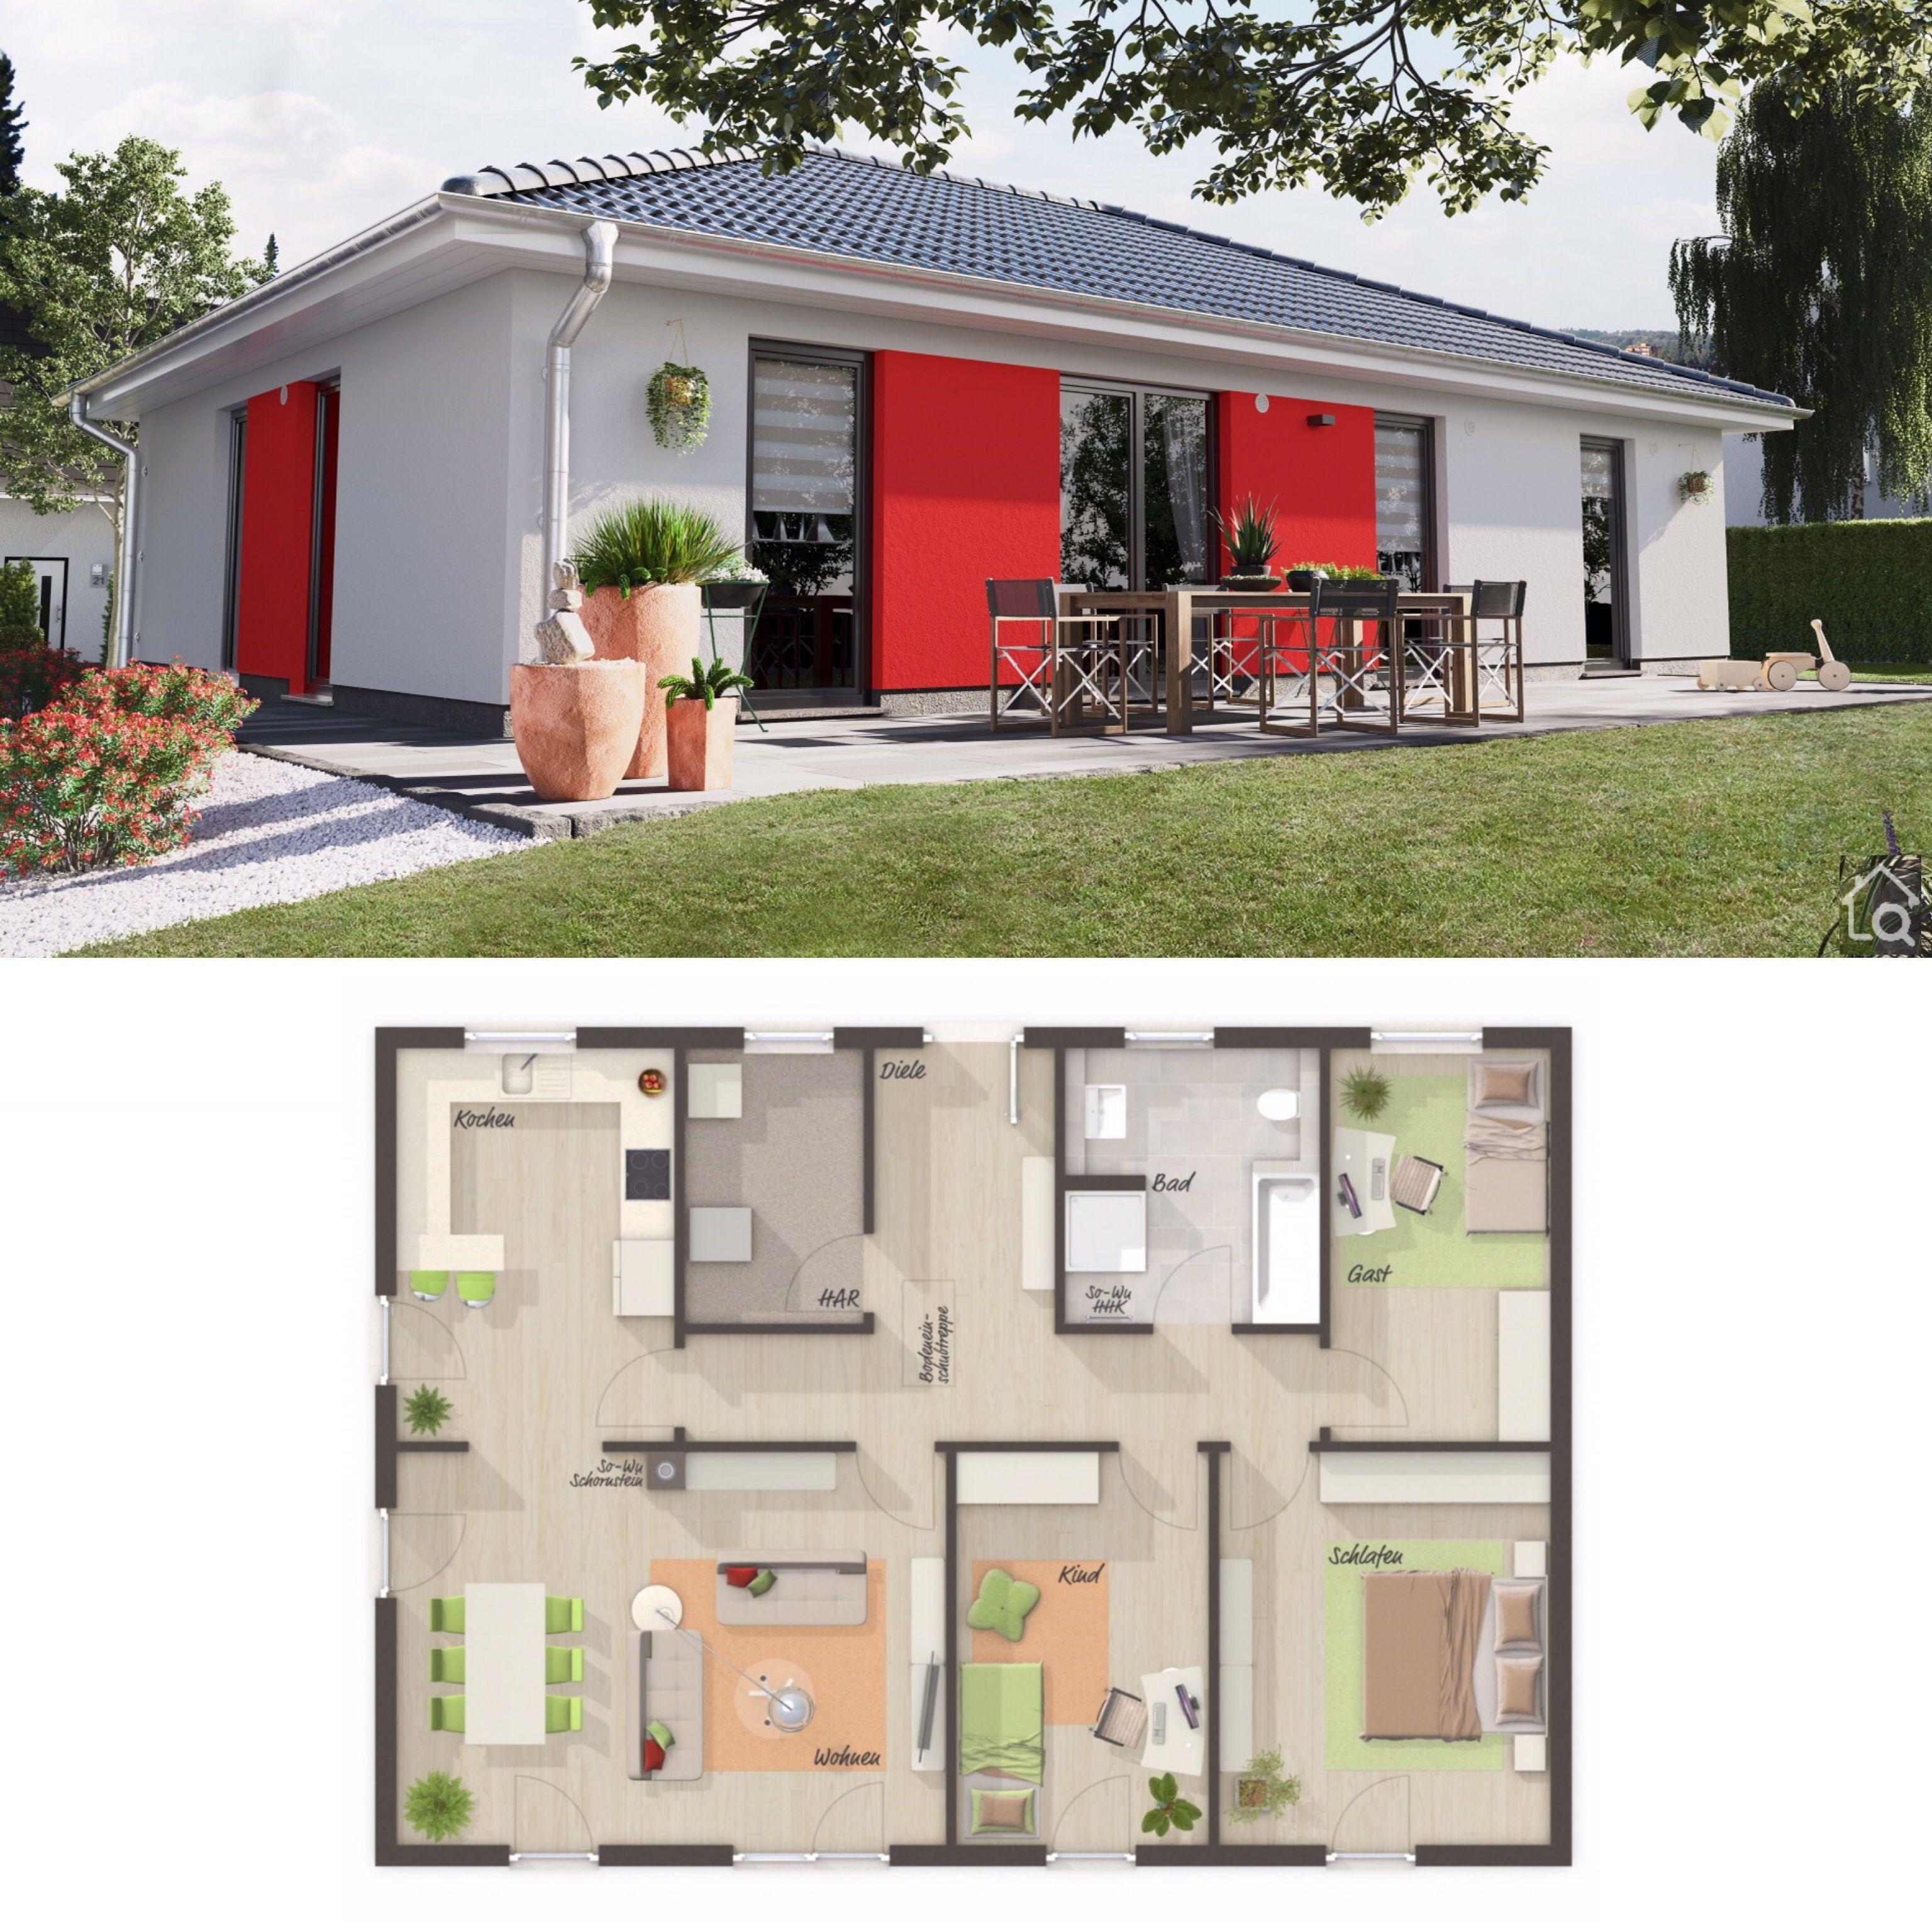 Bungalow Haus modern mit Walmdach & 4 Zimmer Grundriss